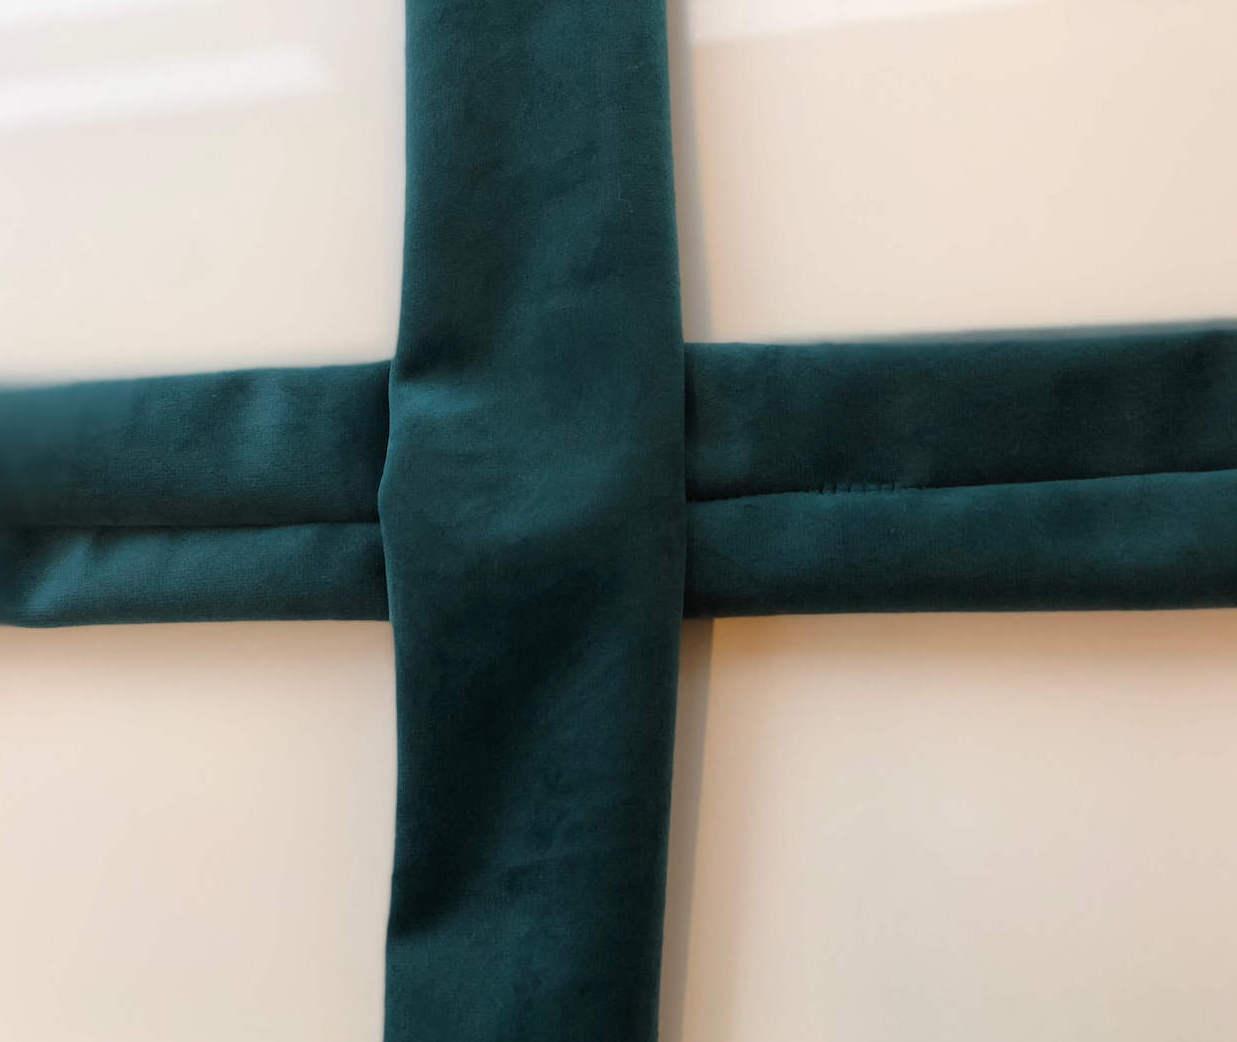 Vik hårband i grön sammet